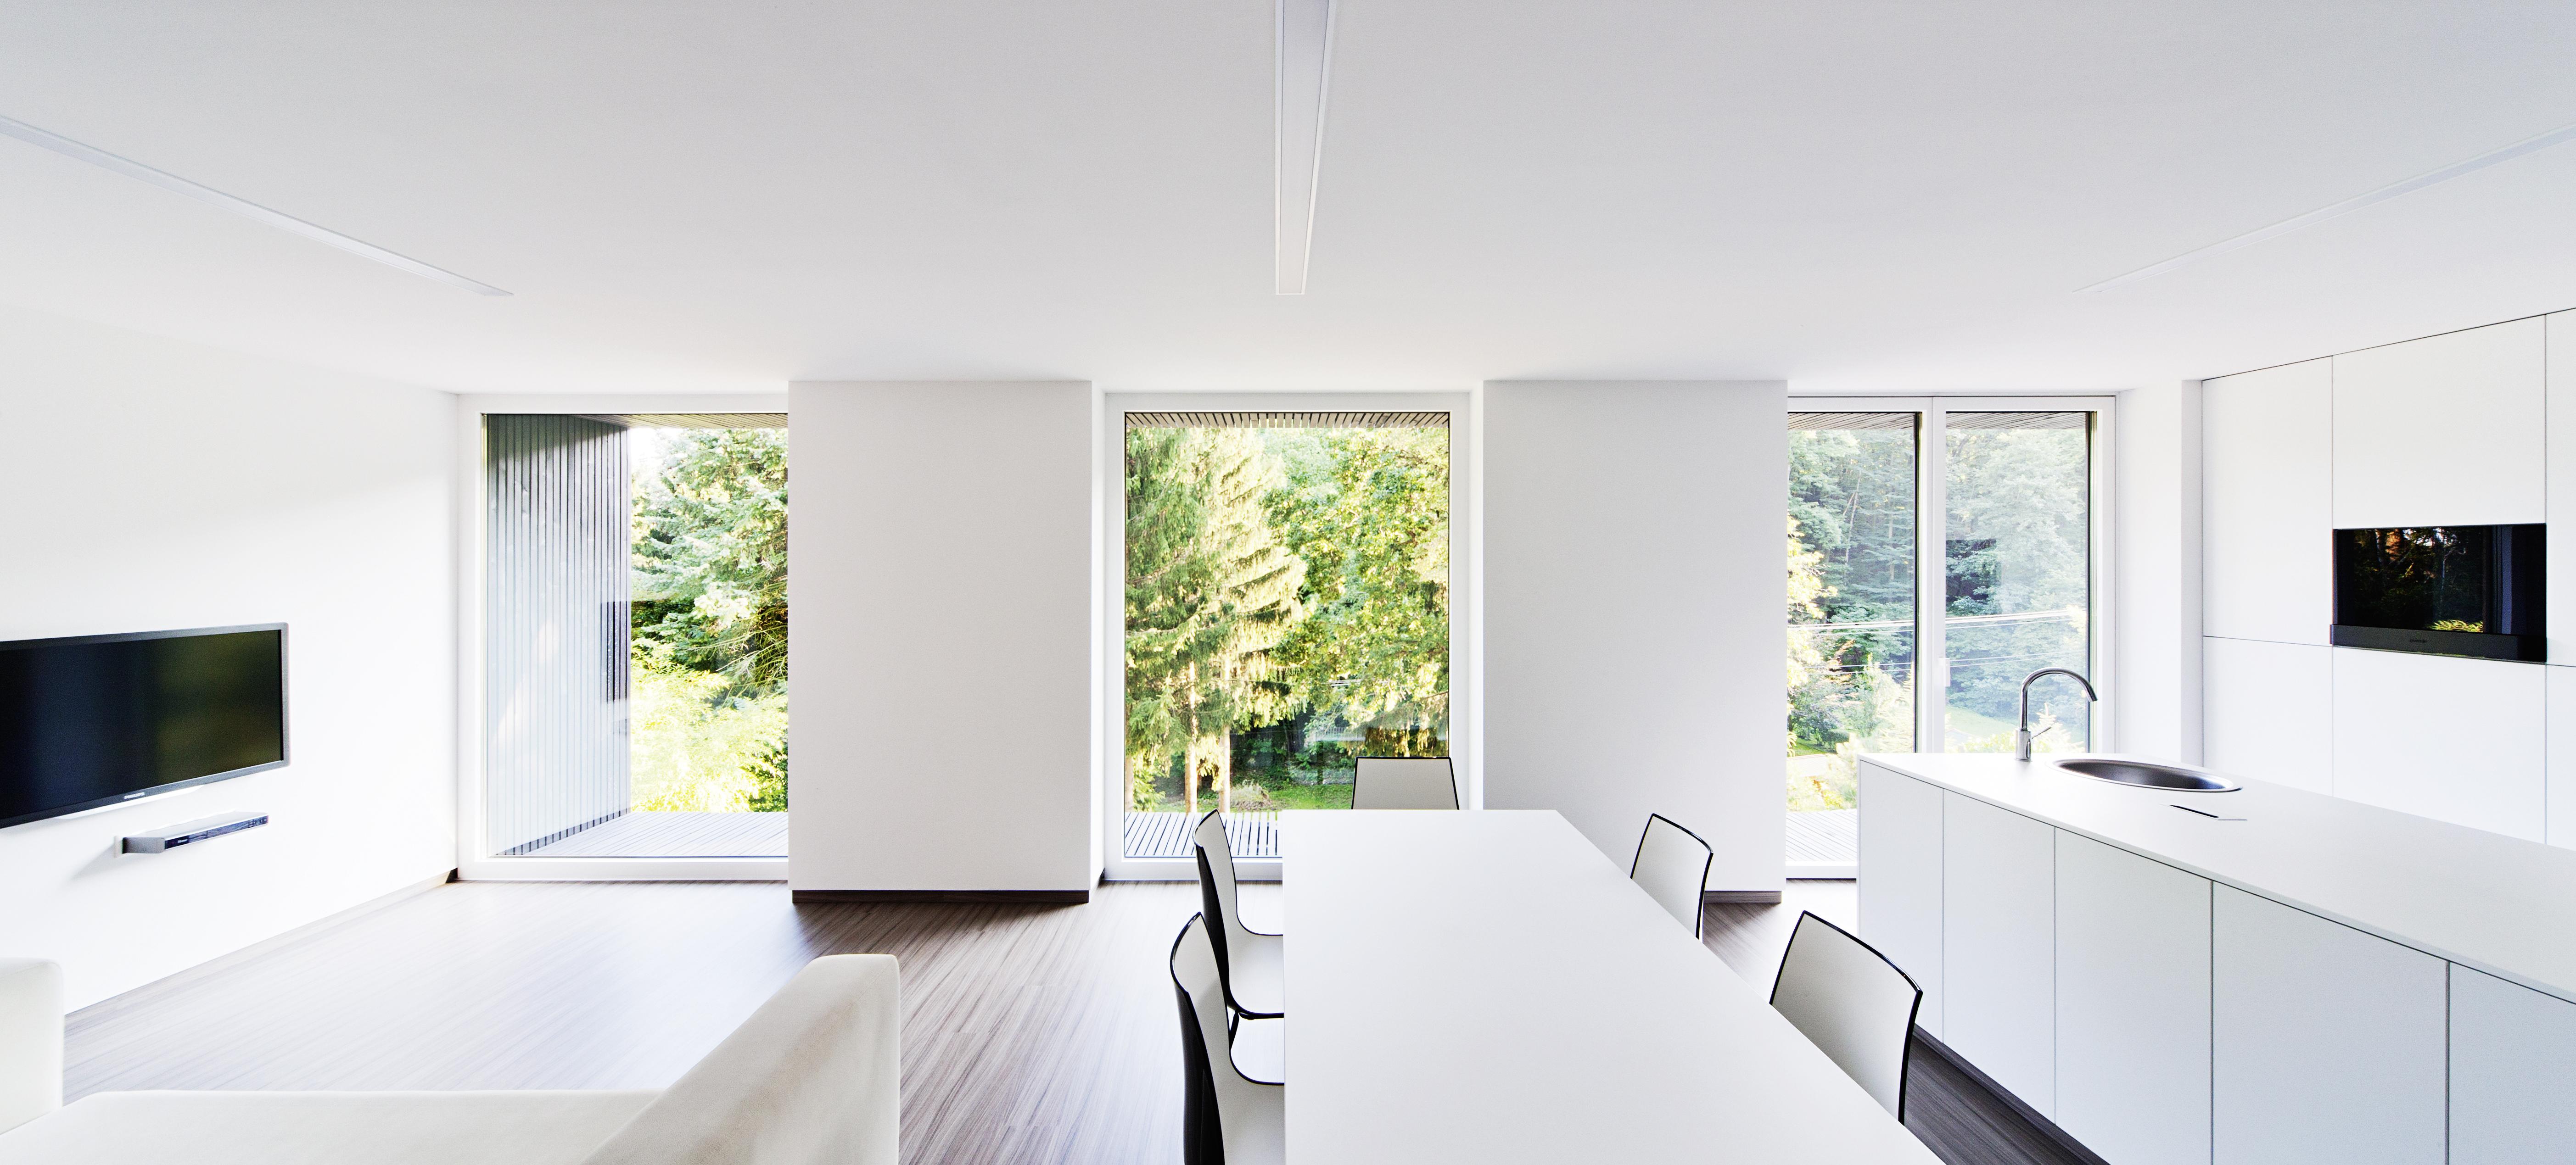 Moderní interiér s výhledem do přírody